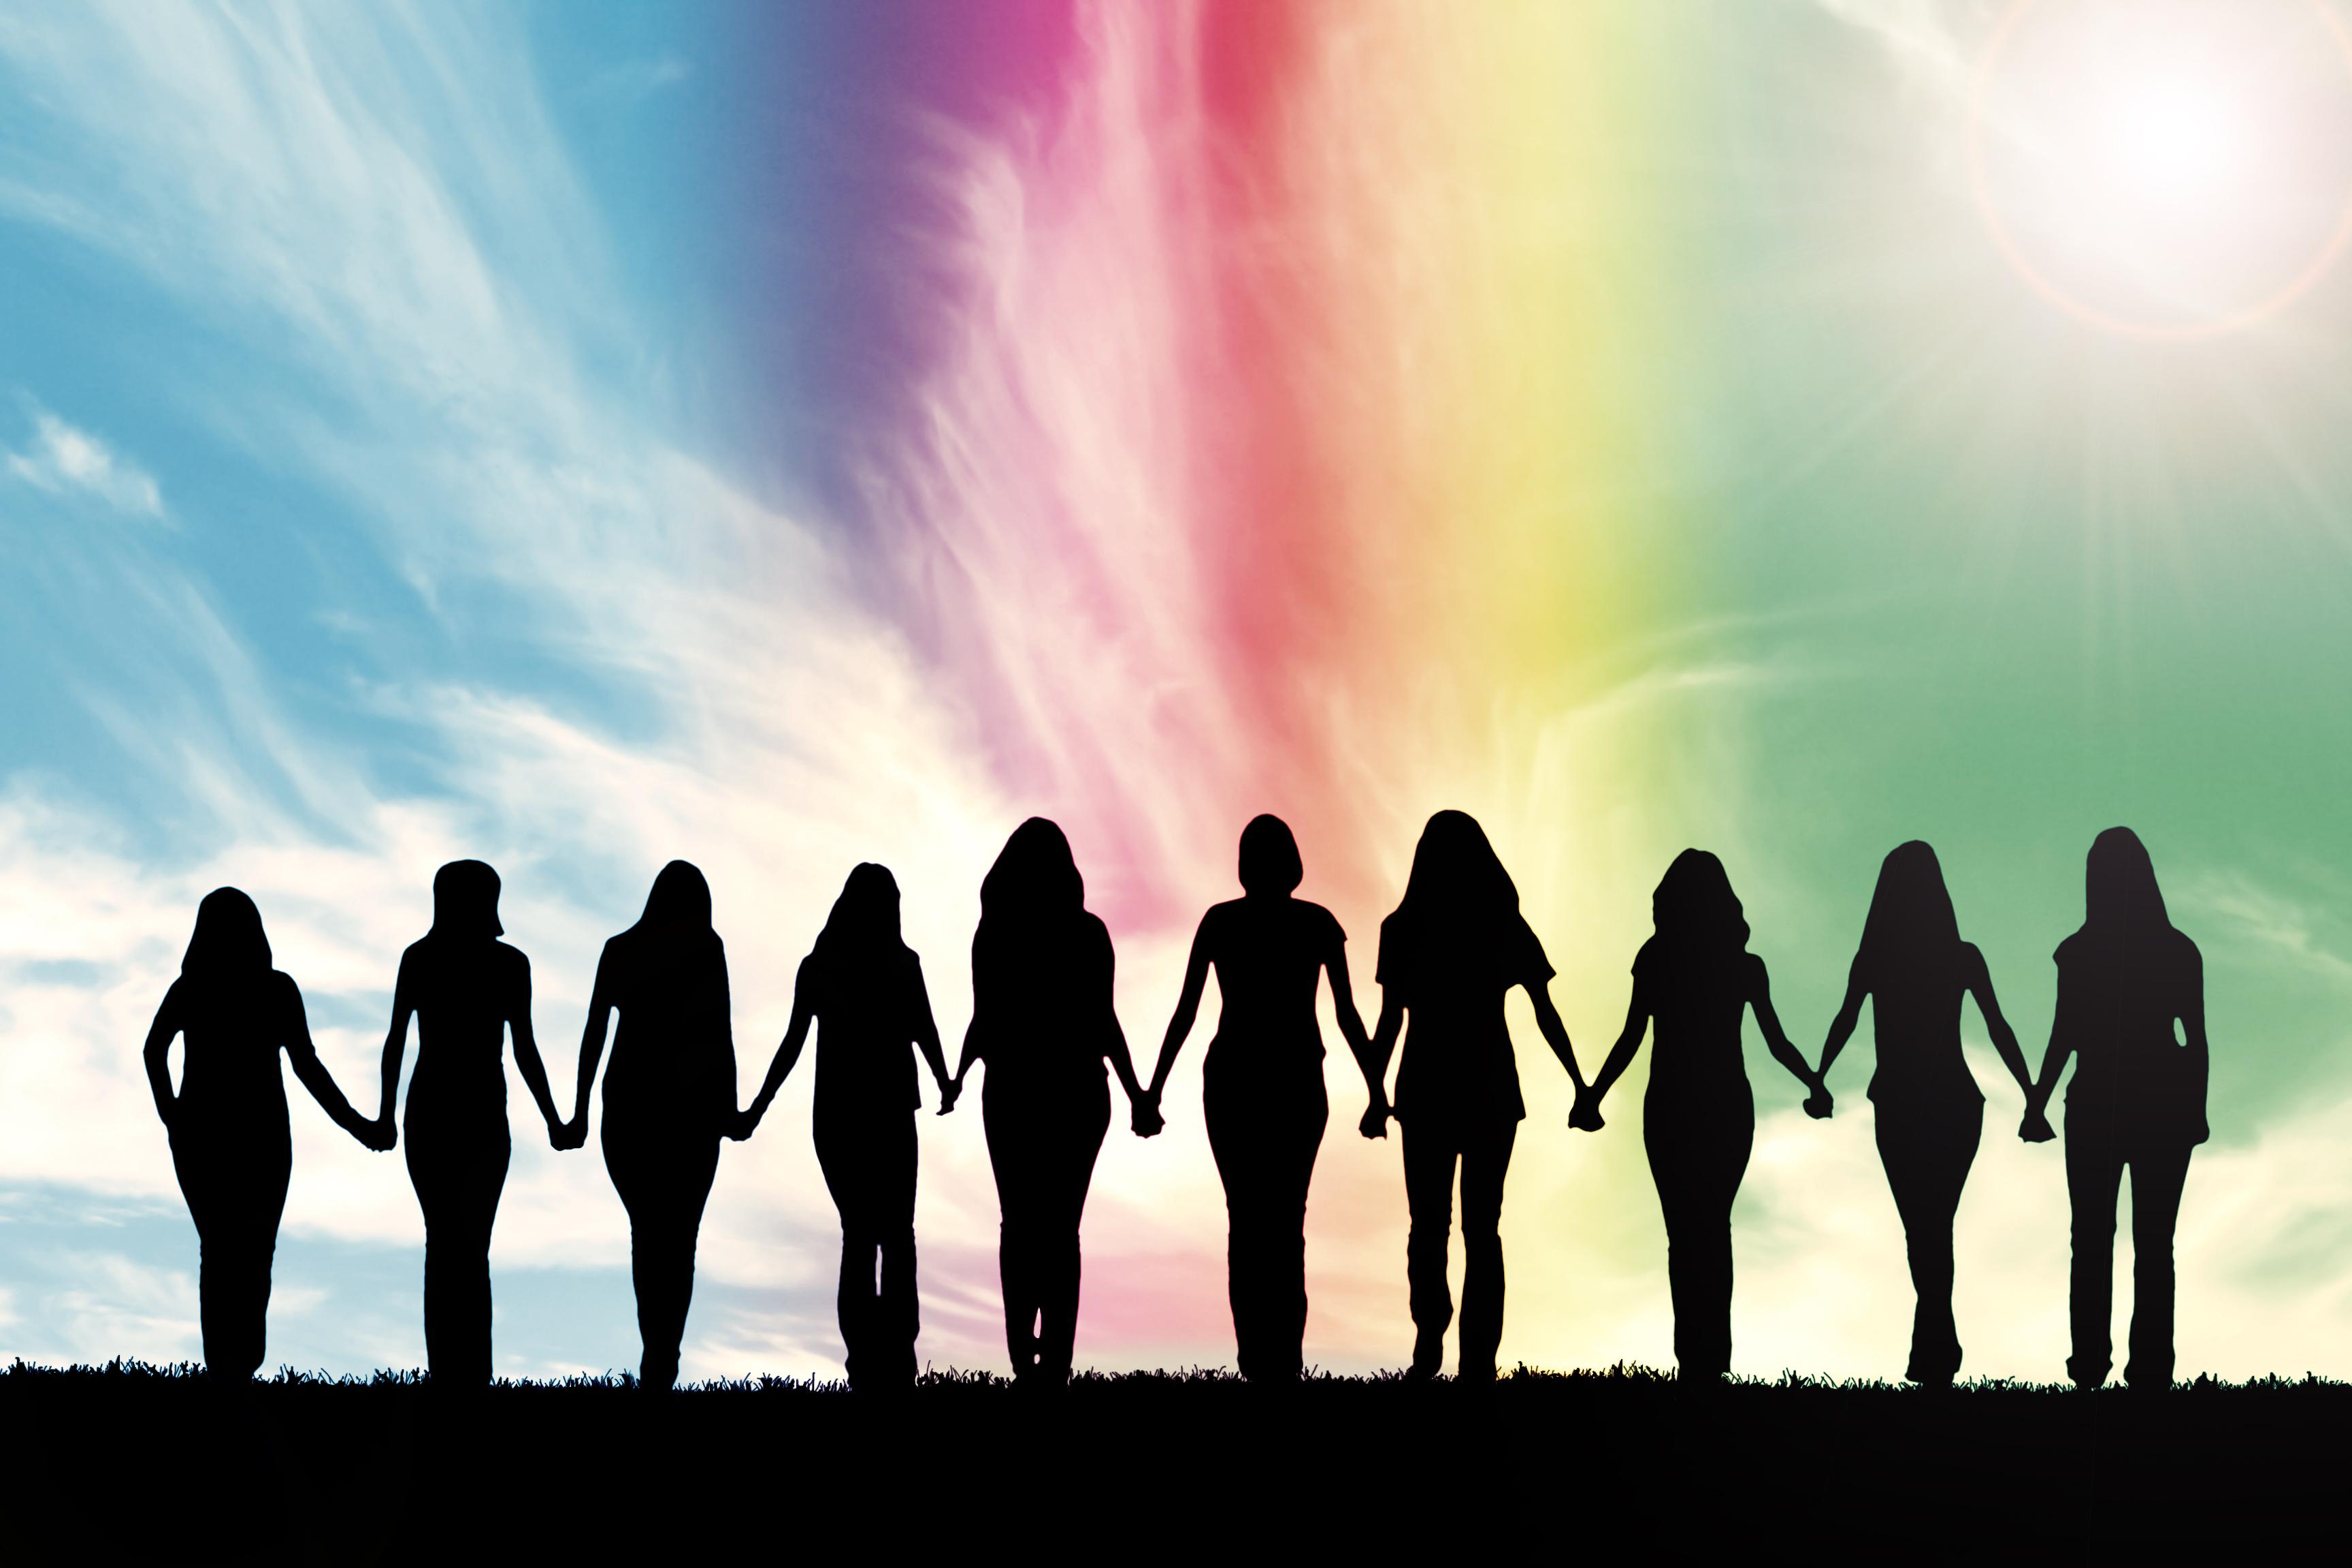 Silhouette of ten young women, walking h